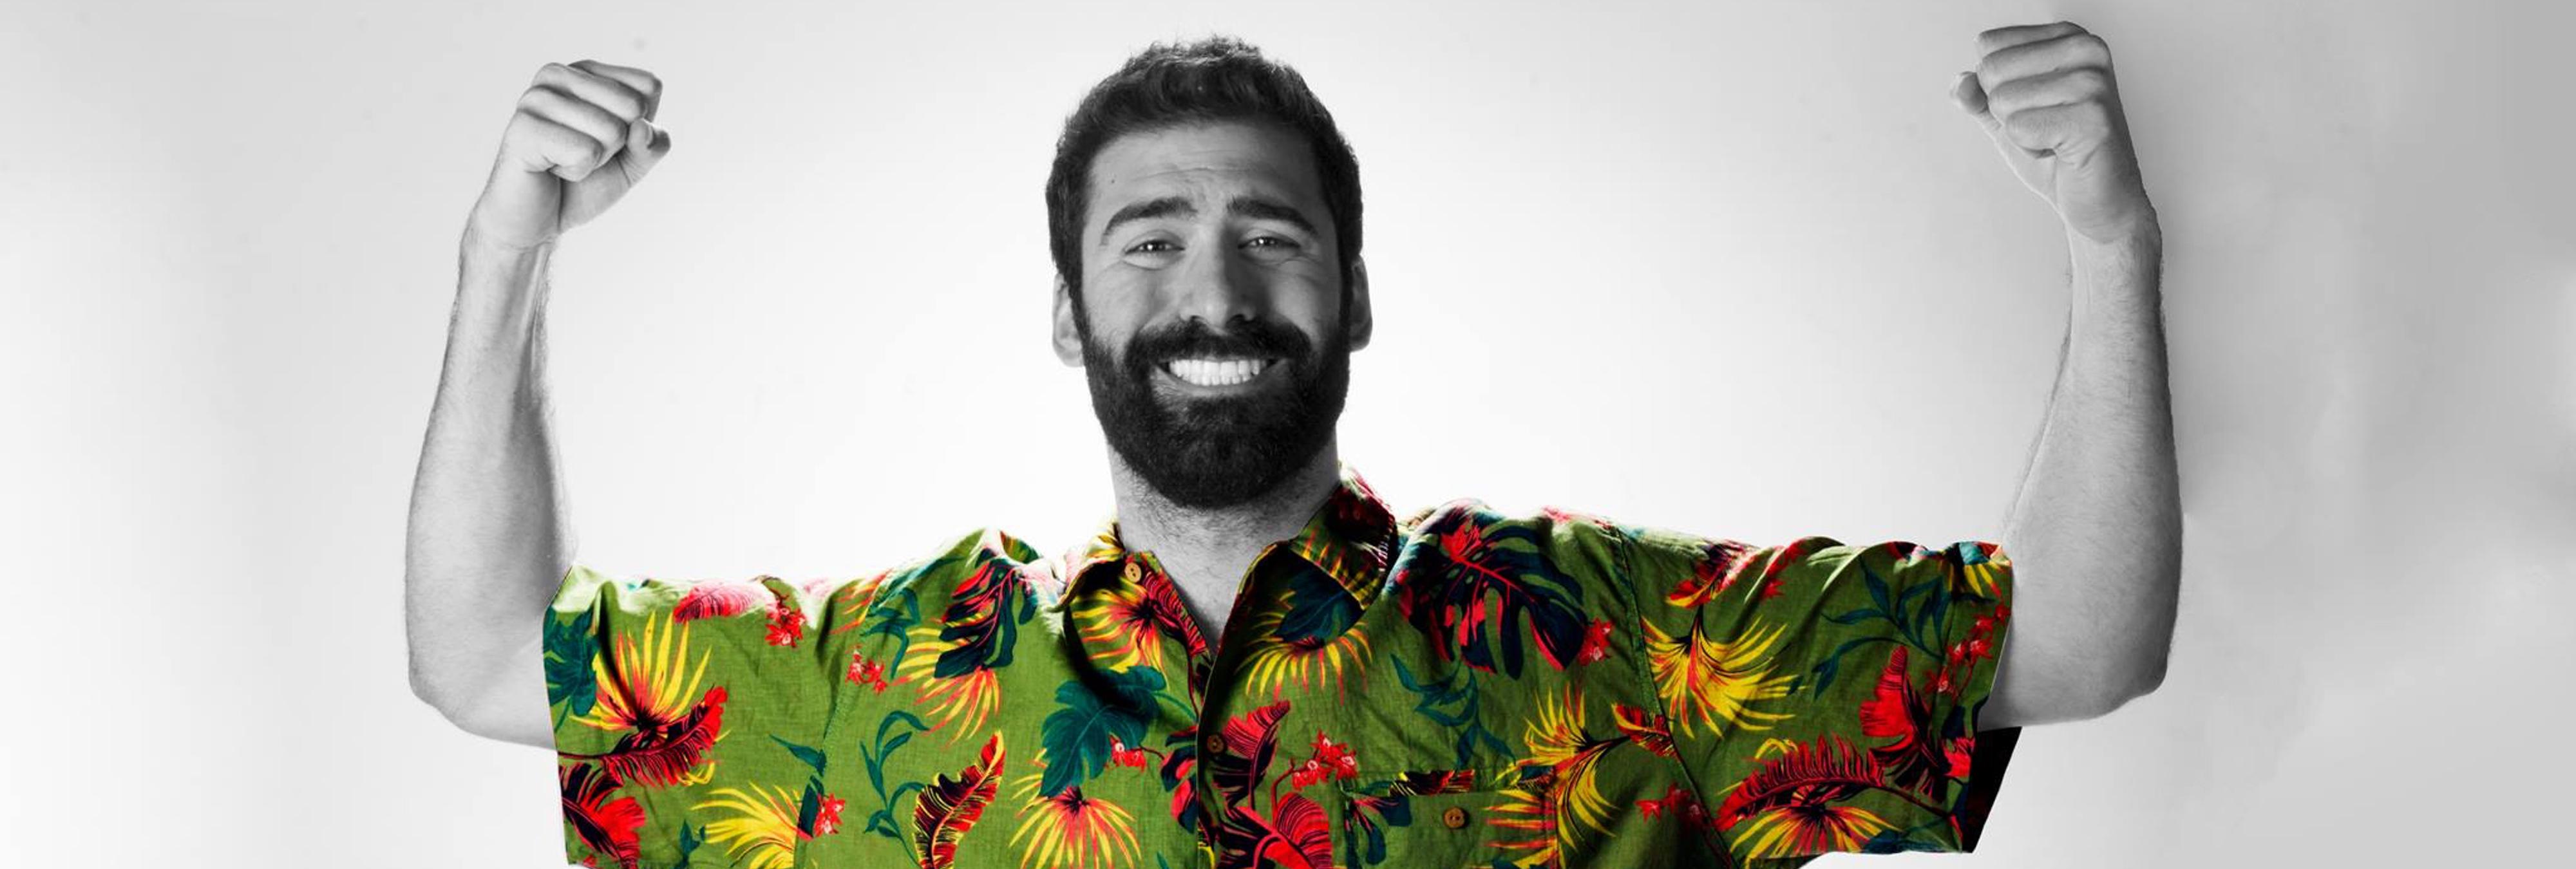 Jorge Cremades: el machismo y la homofobia que triunfan en Internet